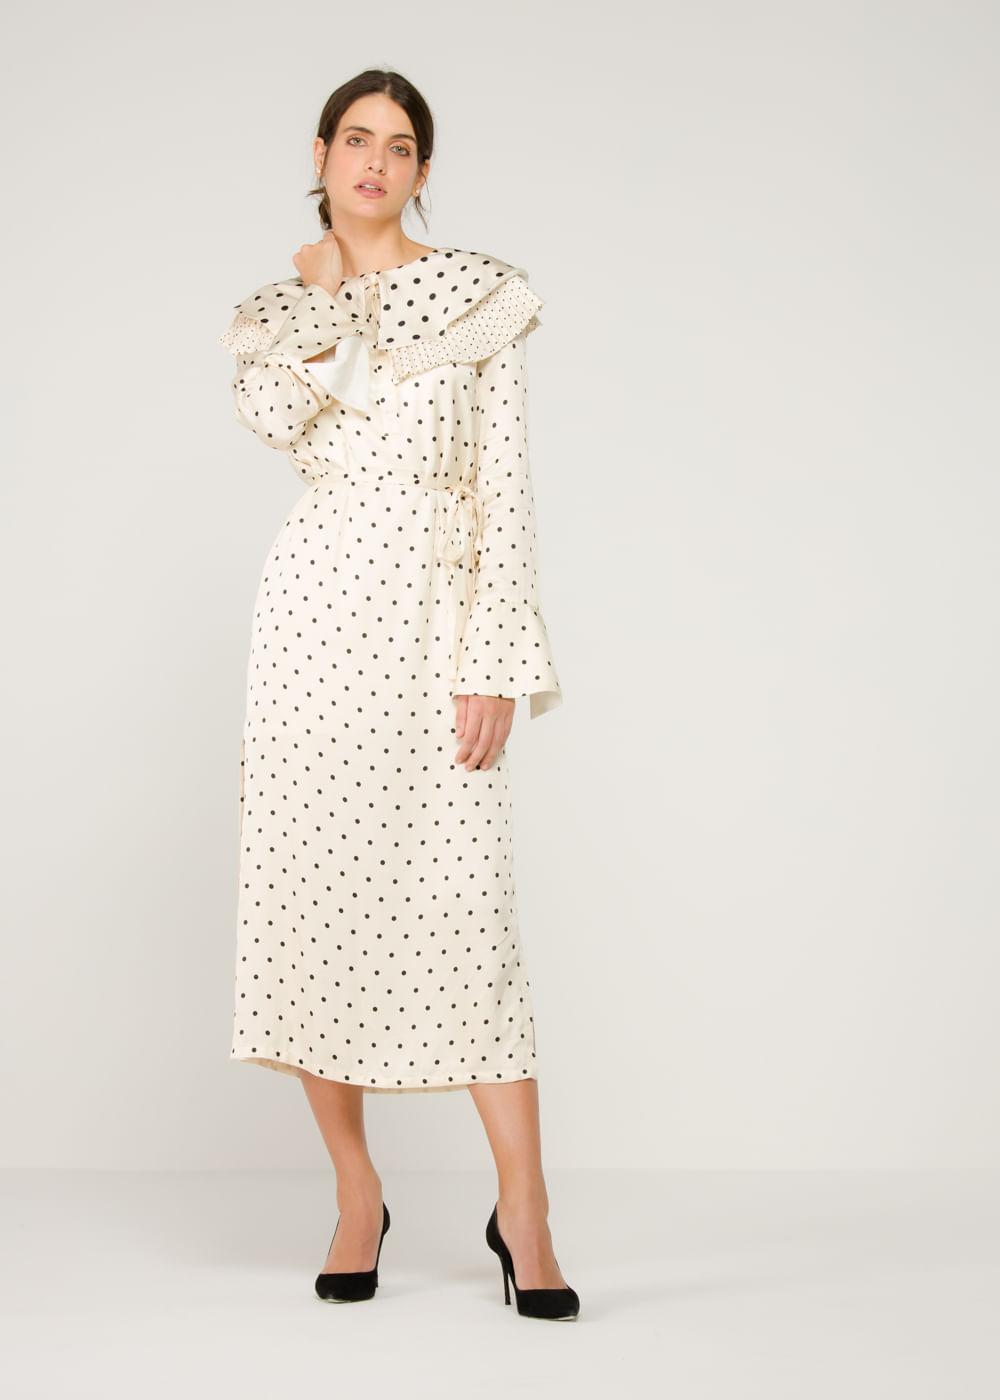 Vestido De Viscose Lenox Com Estampa De Poá  Branca 12 Uk